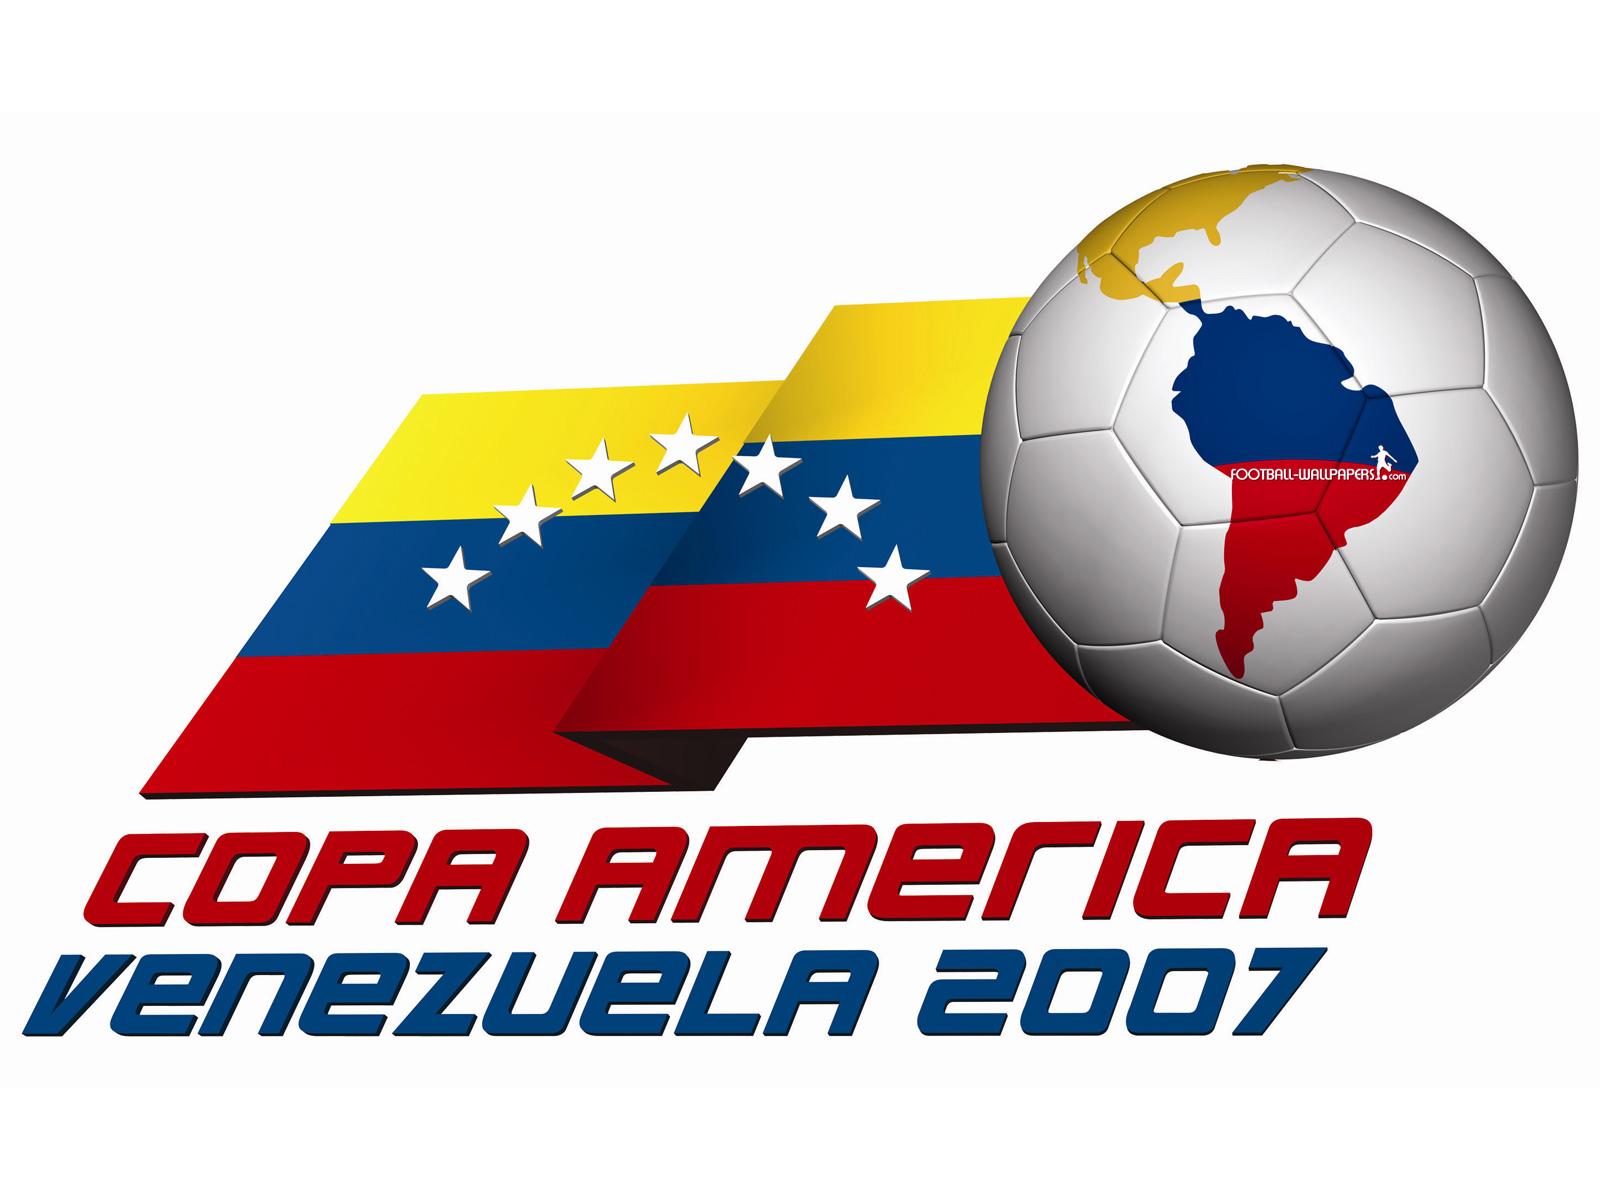 COPA+AMERICA-Logo+Venezuela+2007.jpg